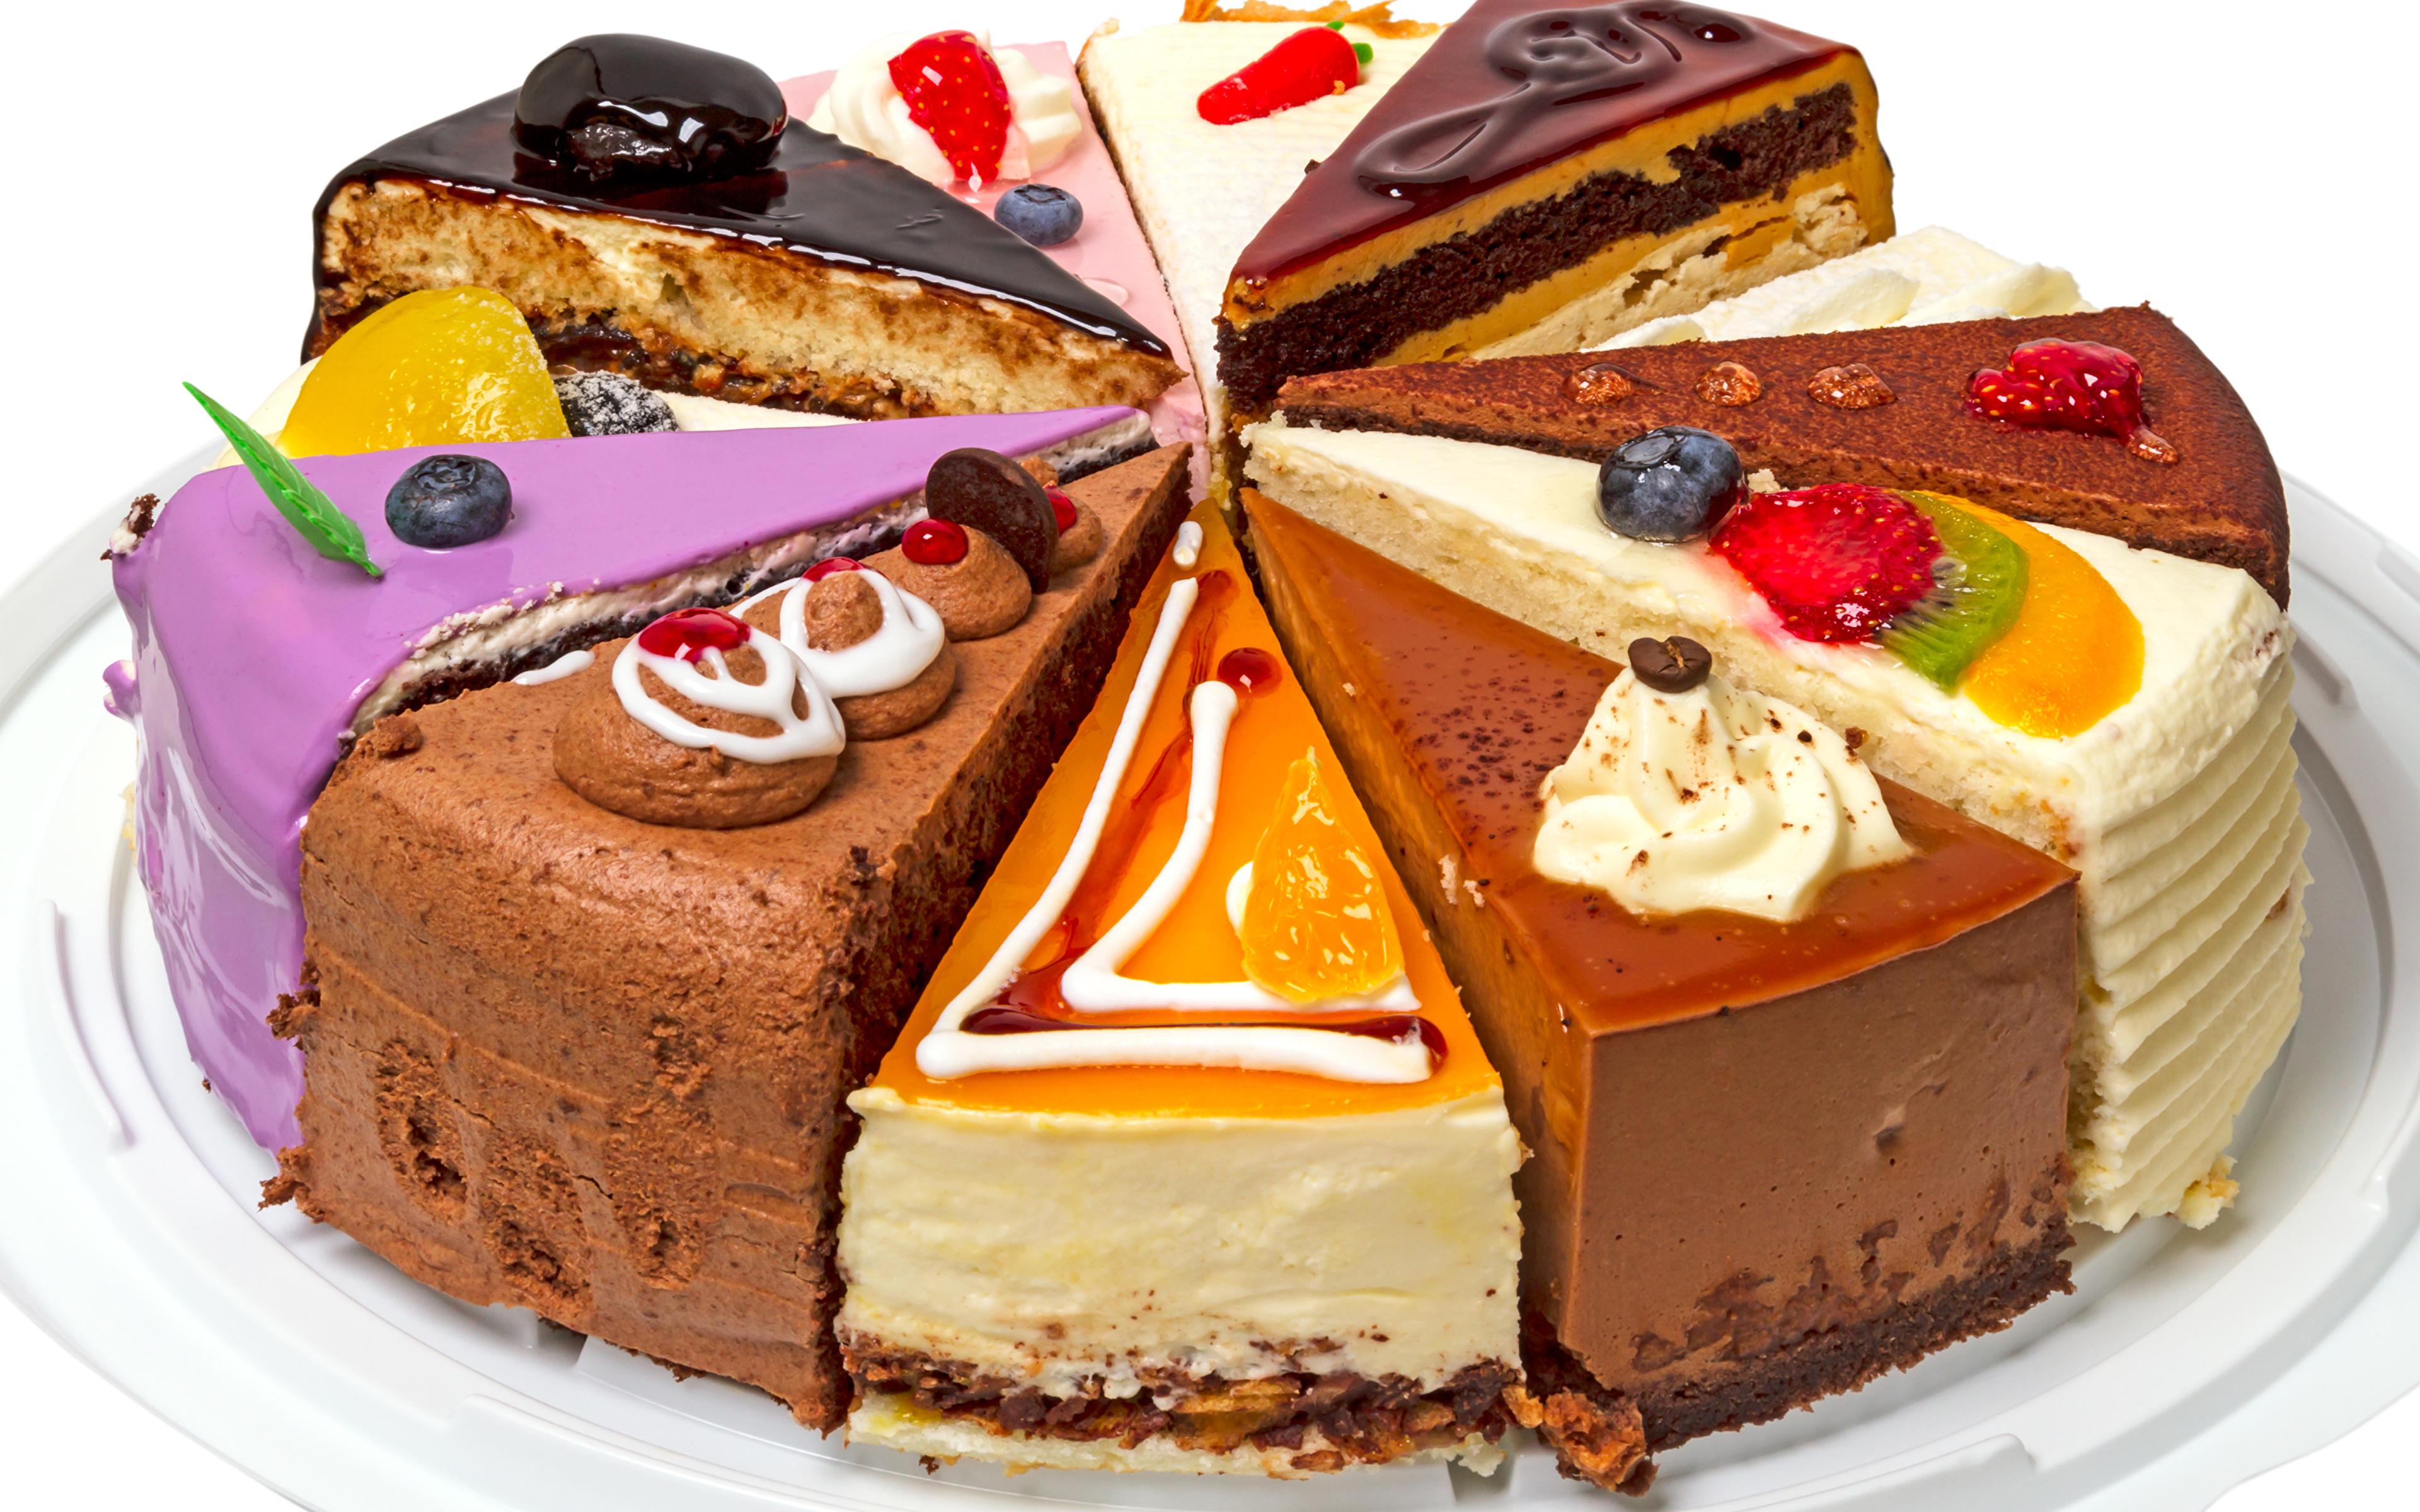 Фото Торты Кусок Ягоды Продукты питания Сладости Пирожное Белый фон 3840x2400 часть Еда Пища